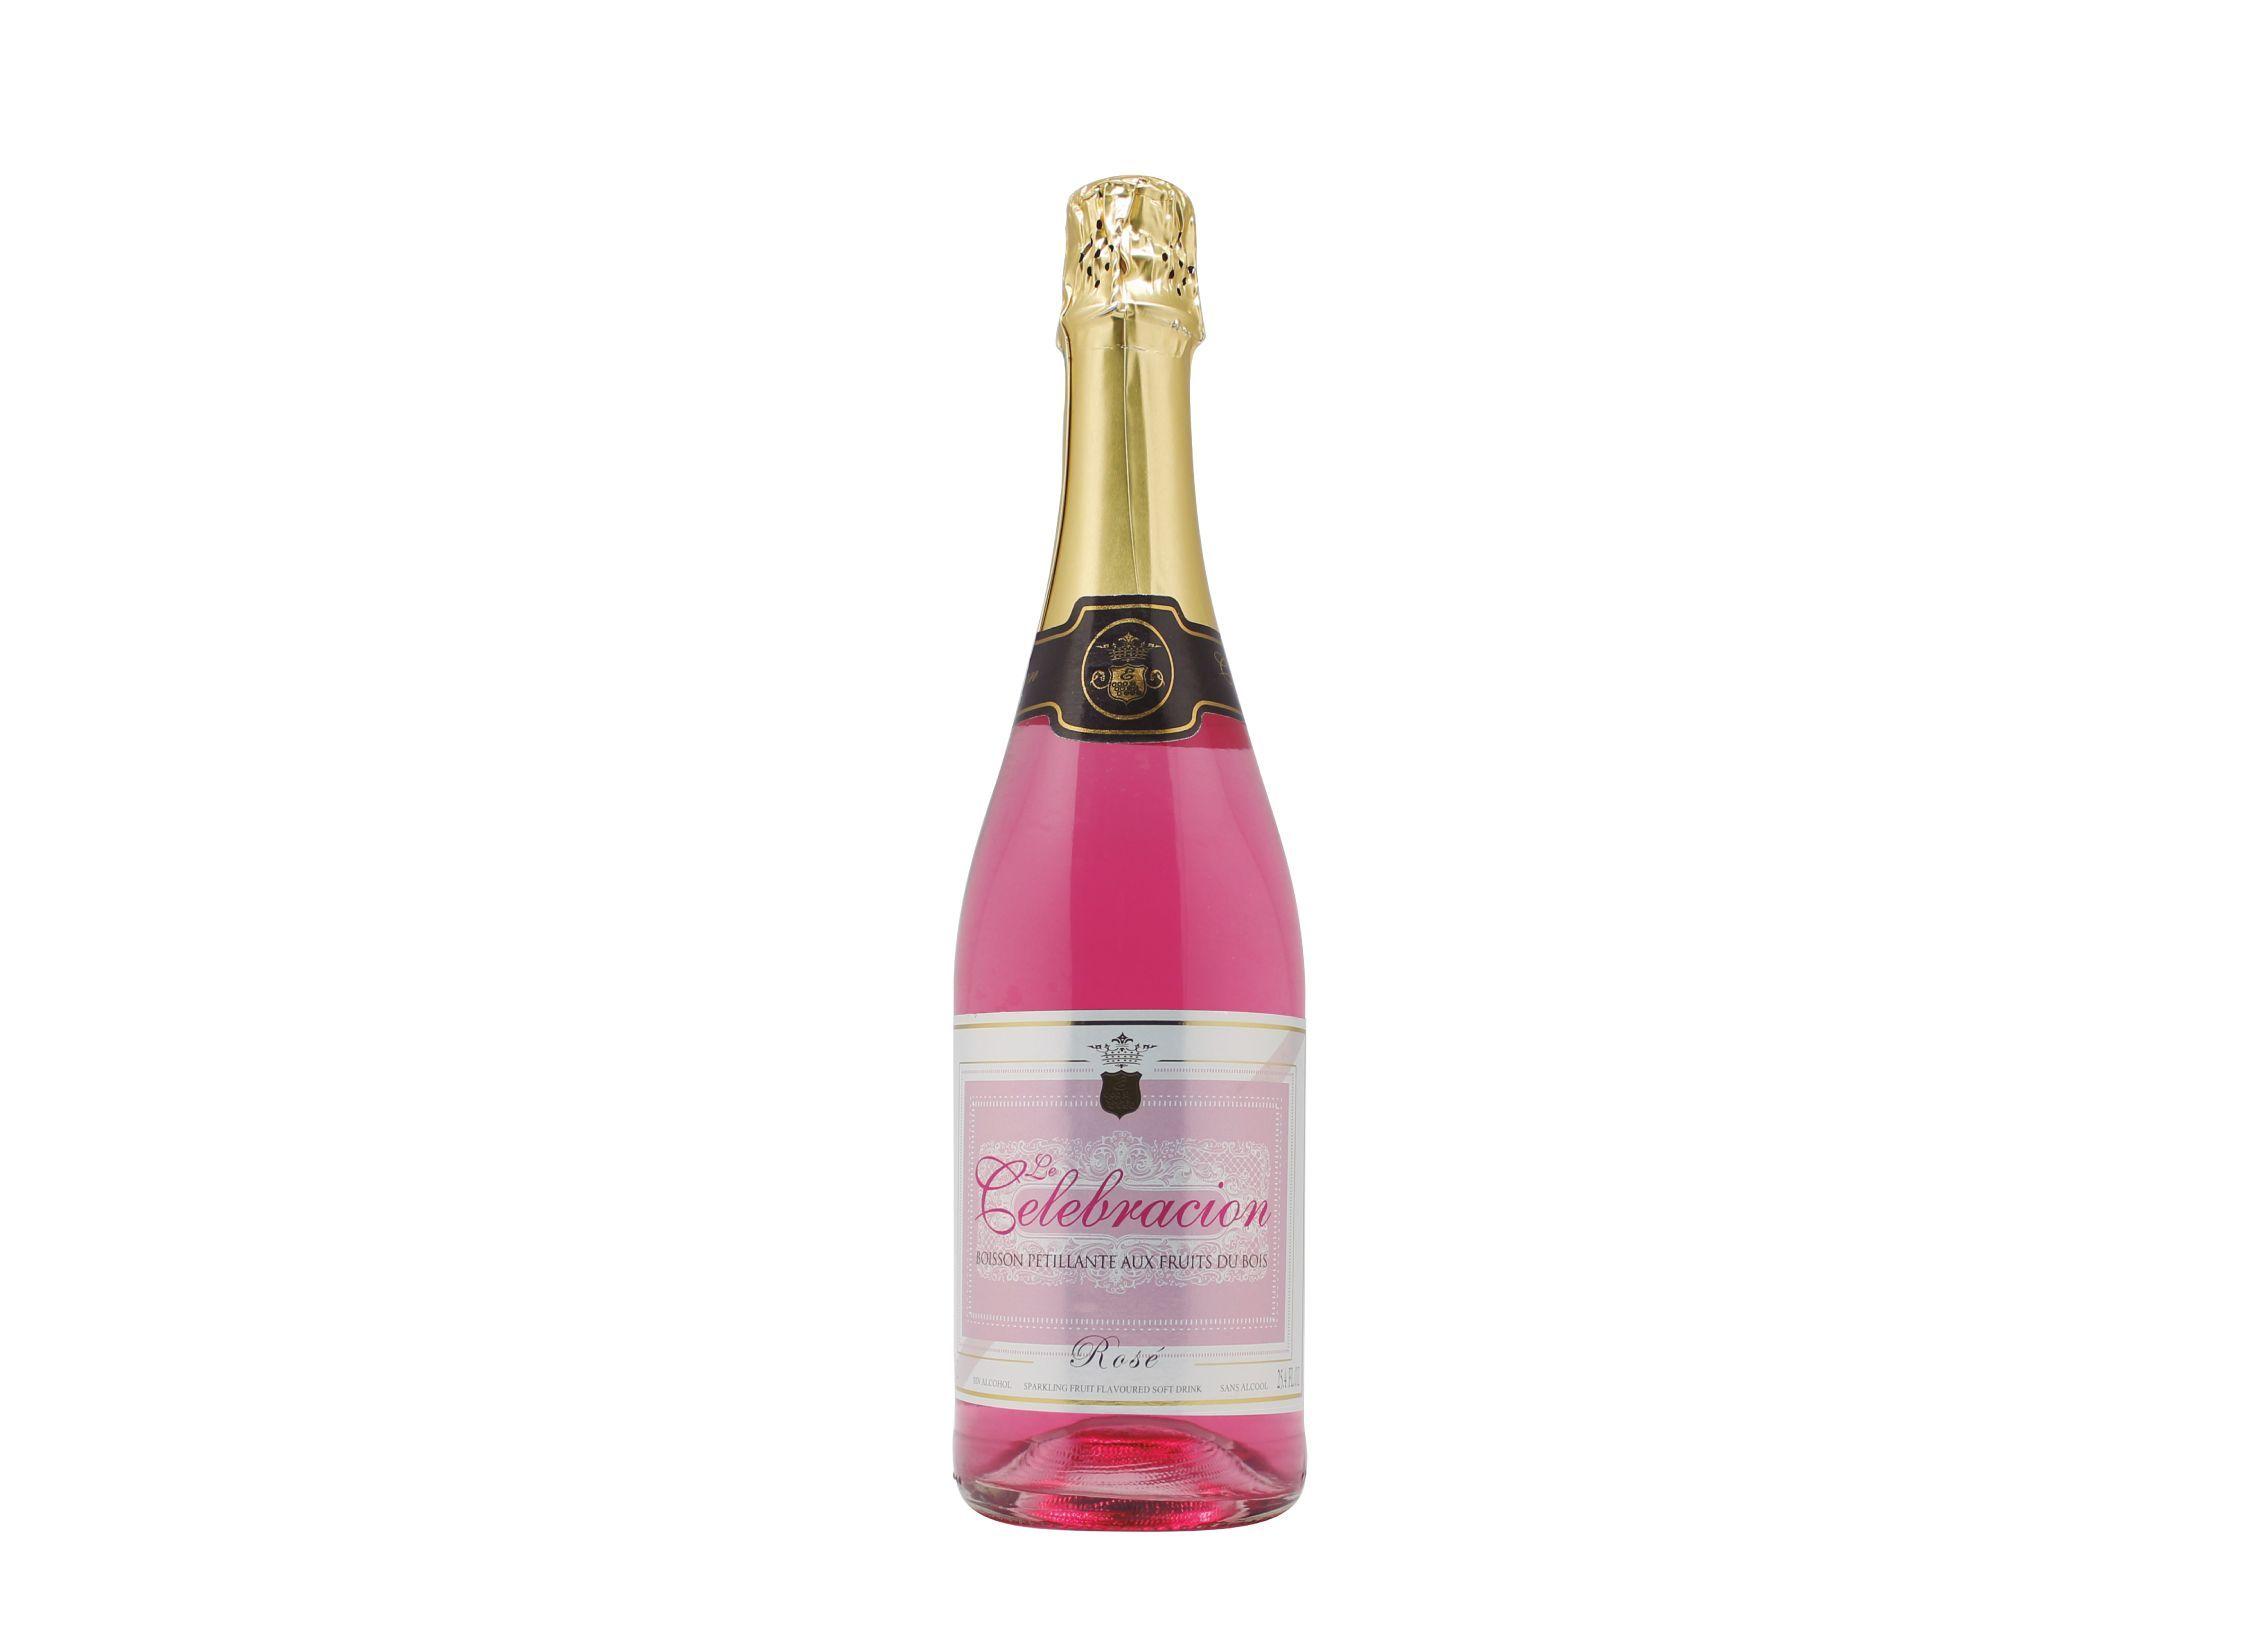 Botella de 75cl de espumoso rosado sin alcohol marca Le Celebración, una bebida sin alcohol ideal para celebraciones, producida por Industrias Espadafor